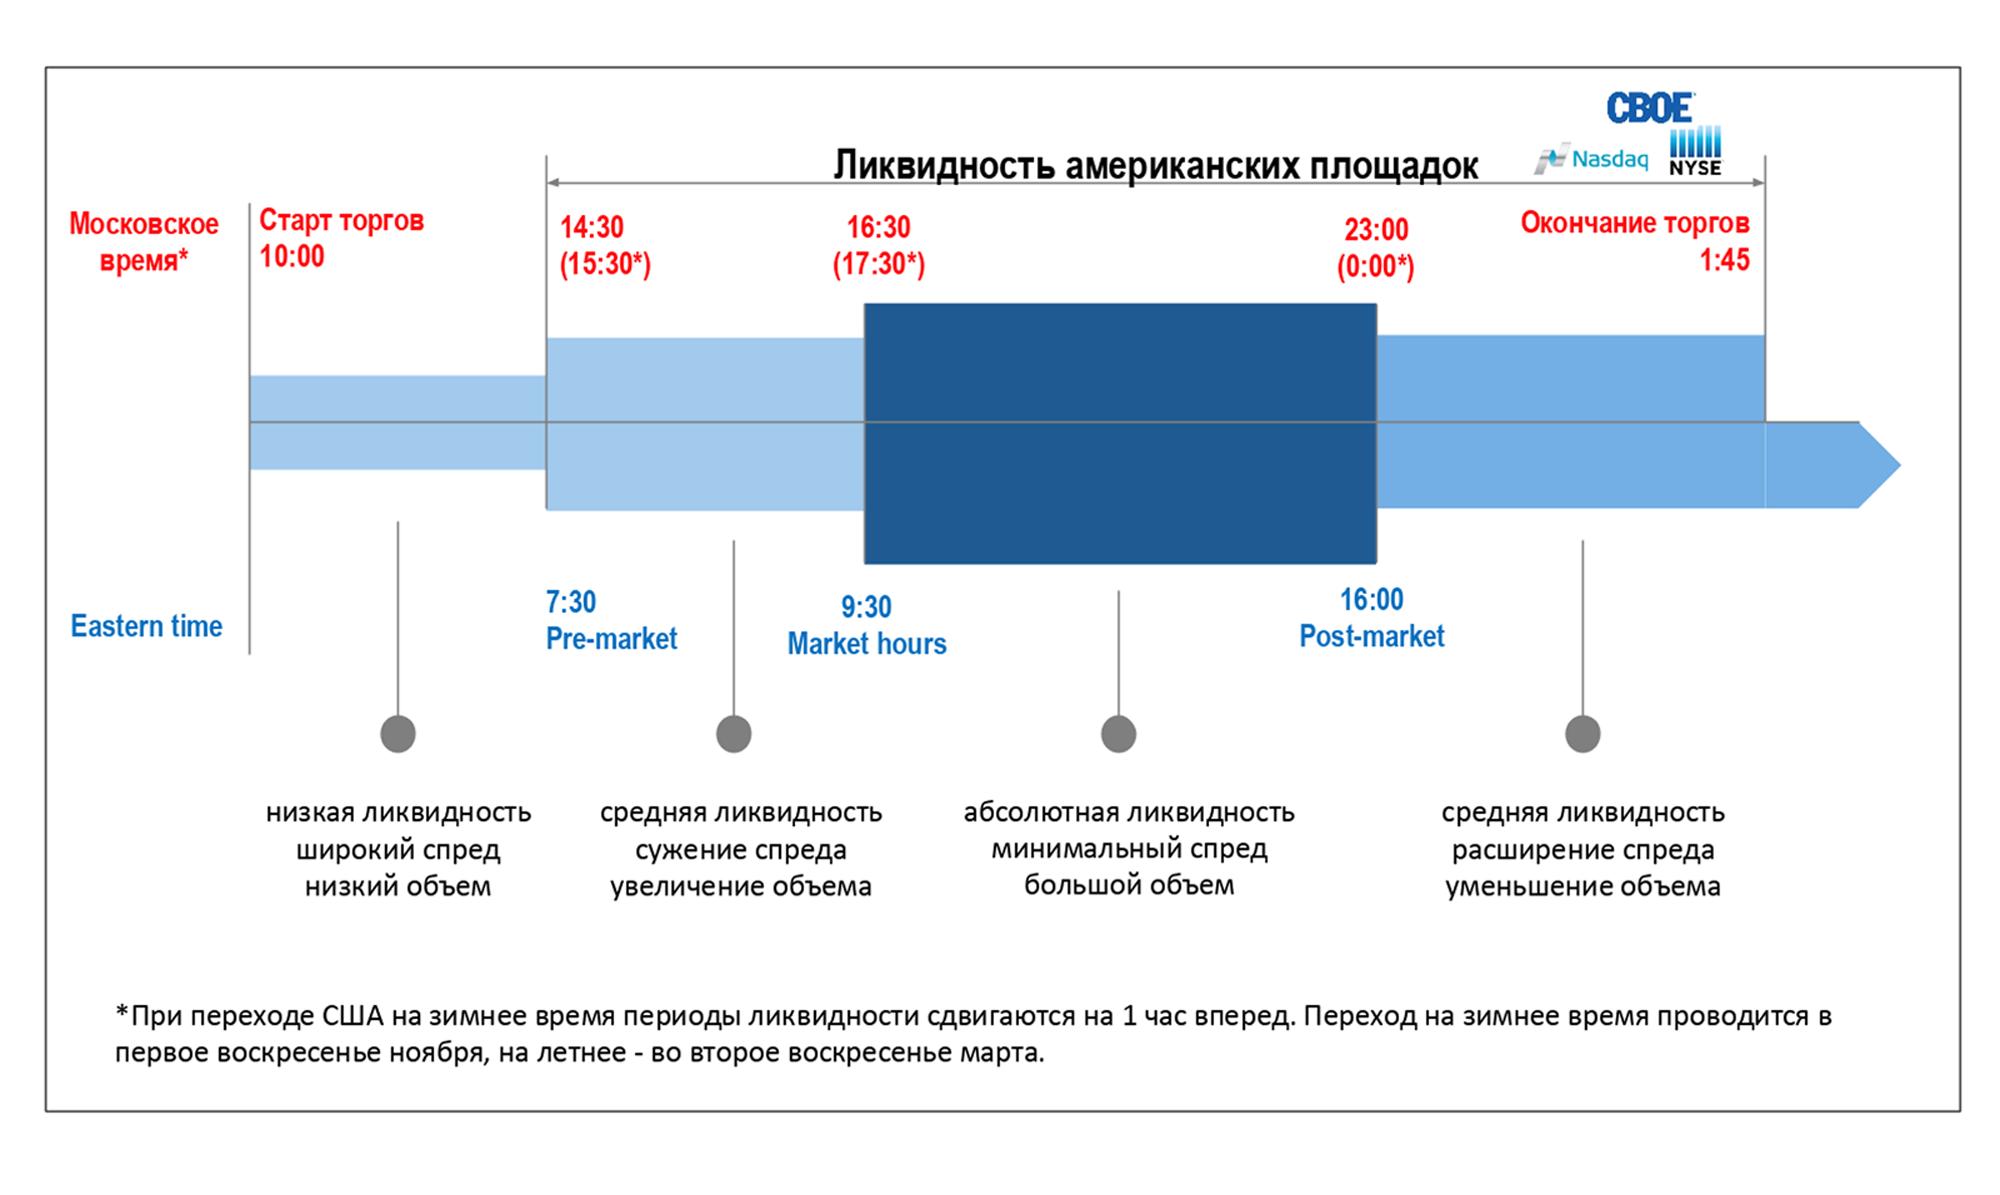 Санкт-Петербургская биржа объясняет, когда ликвидность есть, а когда ее почти нет